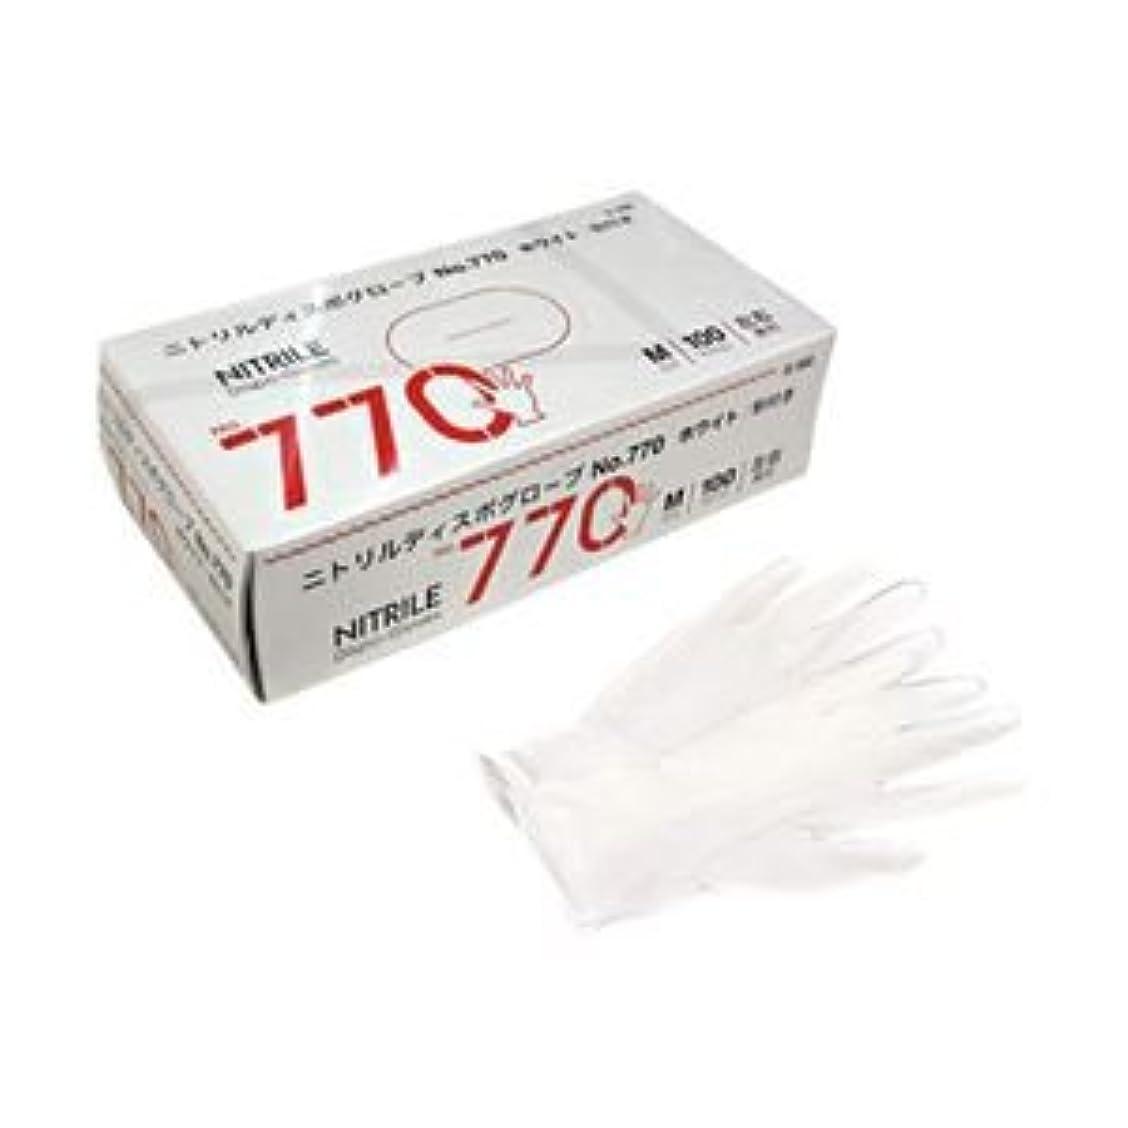 舌ニュース支出(業務用セット) 宇都宮製作 ニトリル手袋770 粉付き M 1箱(100枚) 【×5セット】 dS-1641915